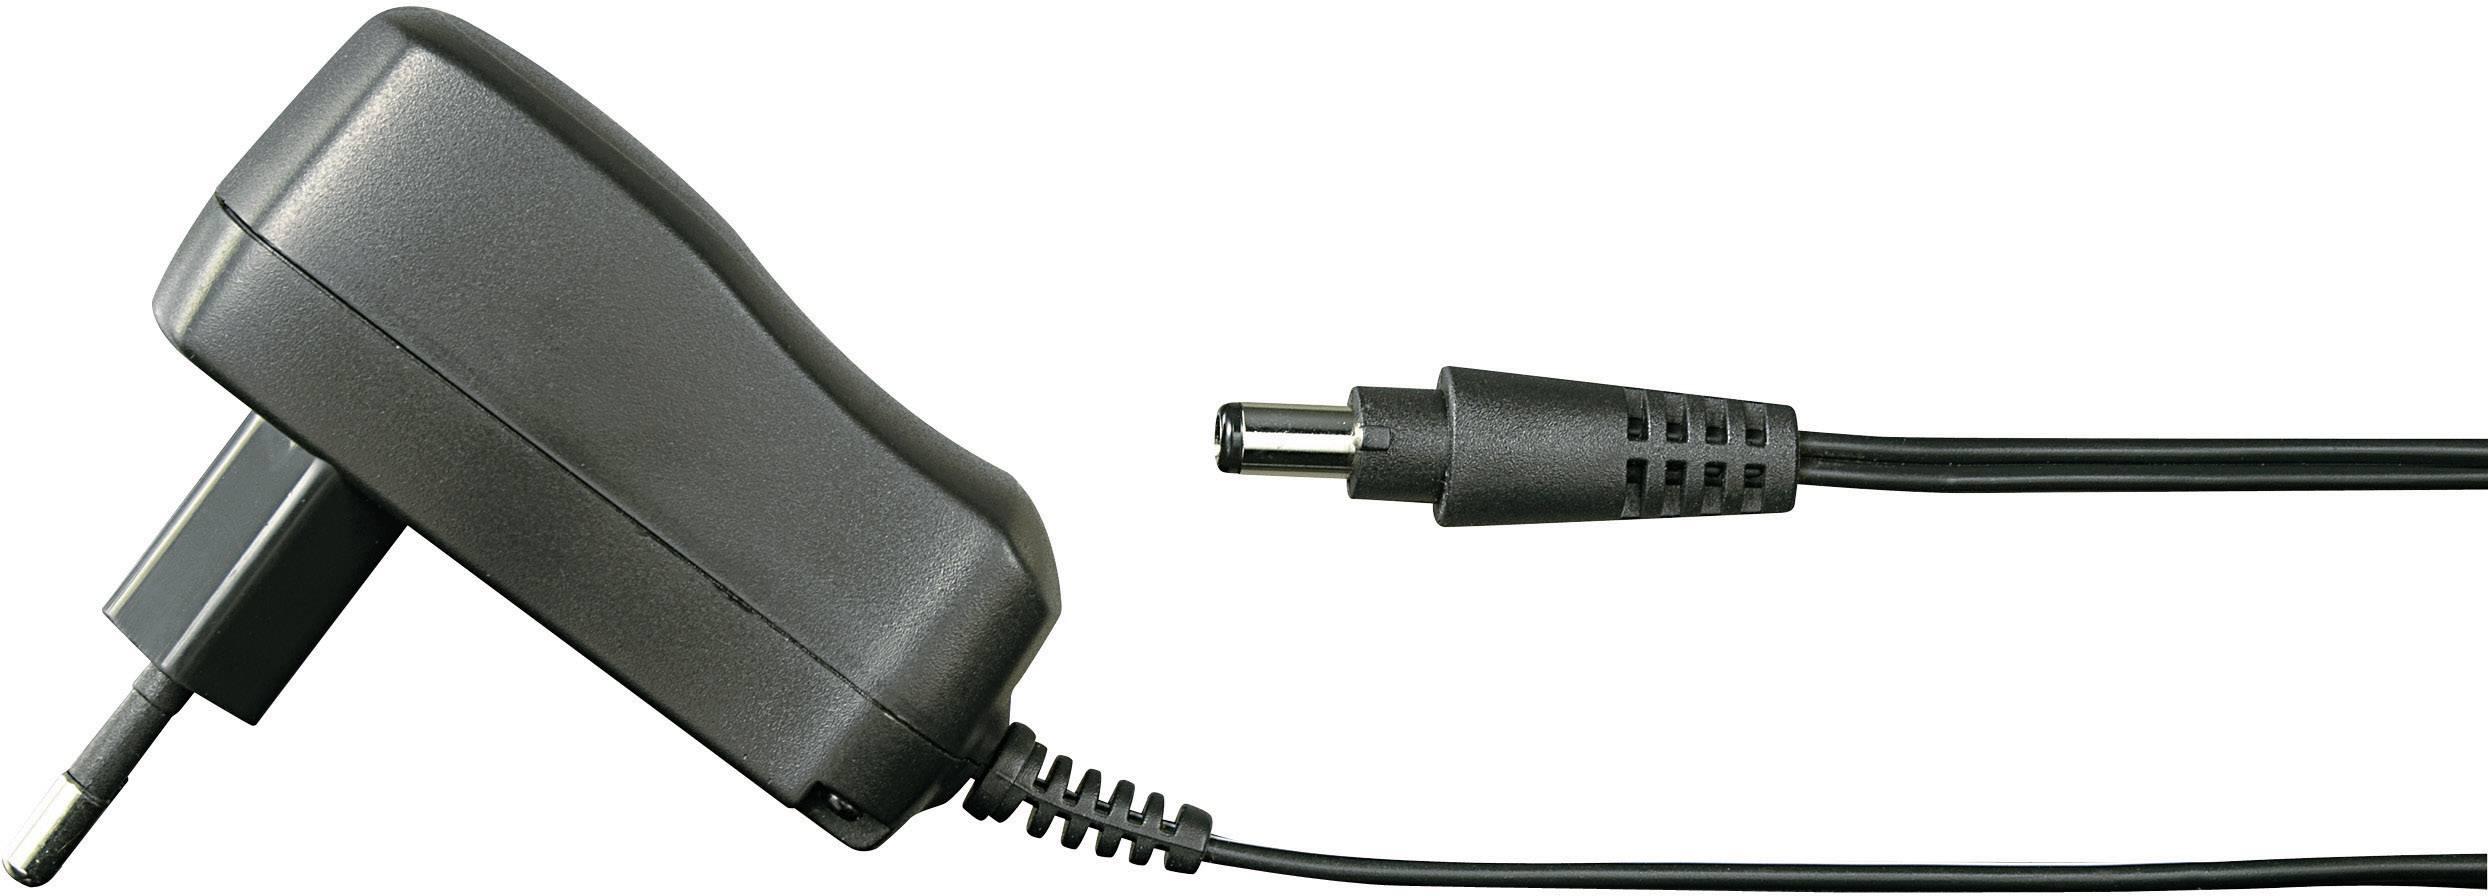 Zásuvkový adaptér so stálym napätím VOLTCRAFT FPPS 5-5W, 5 W, 1000 mA